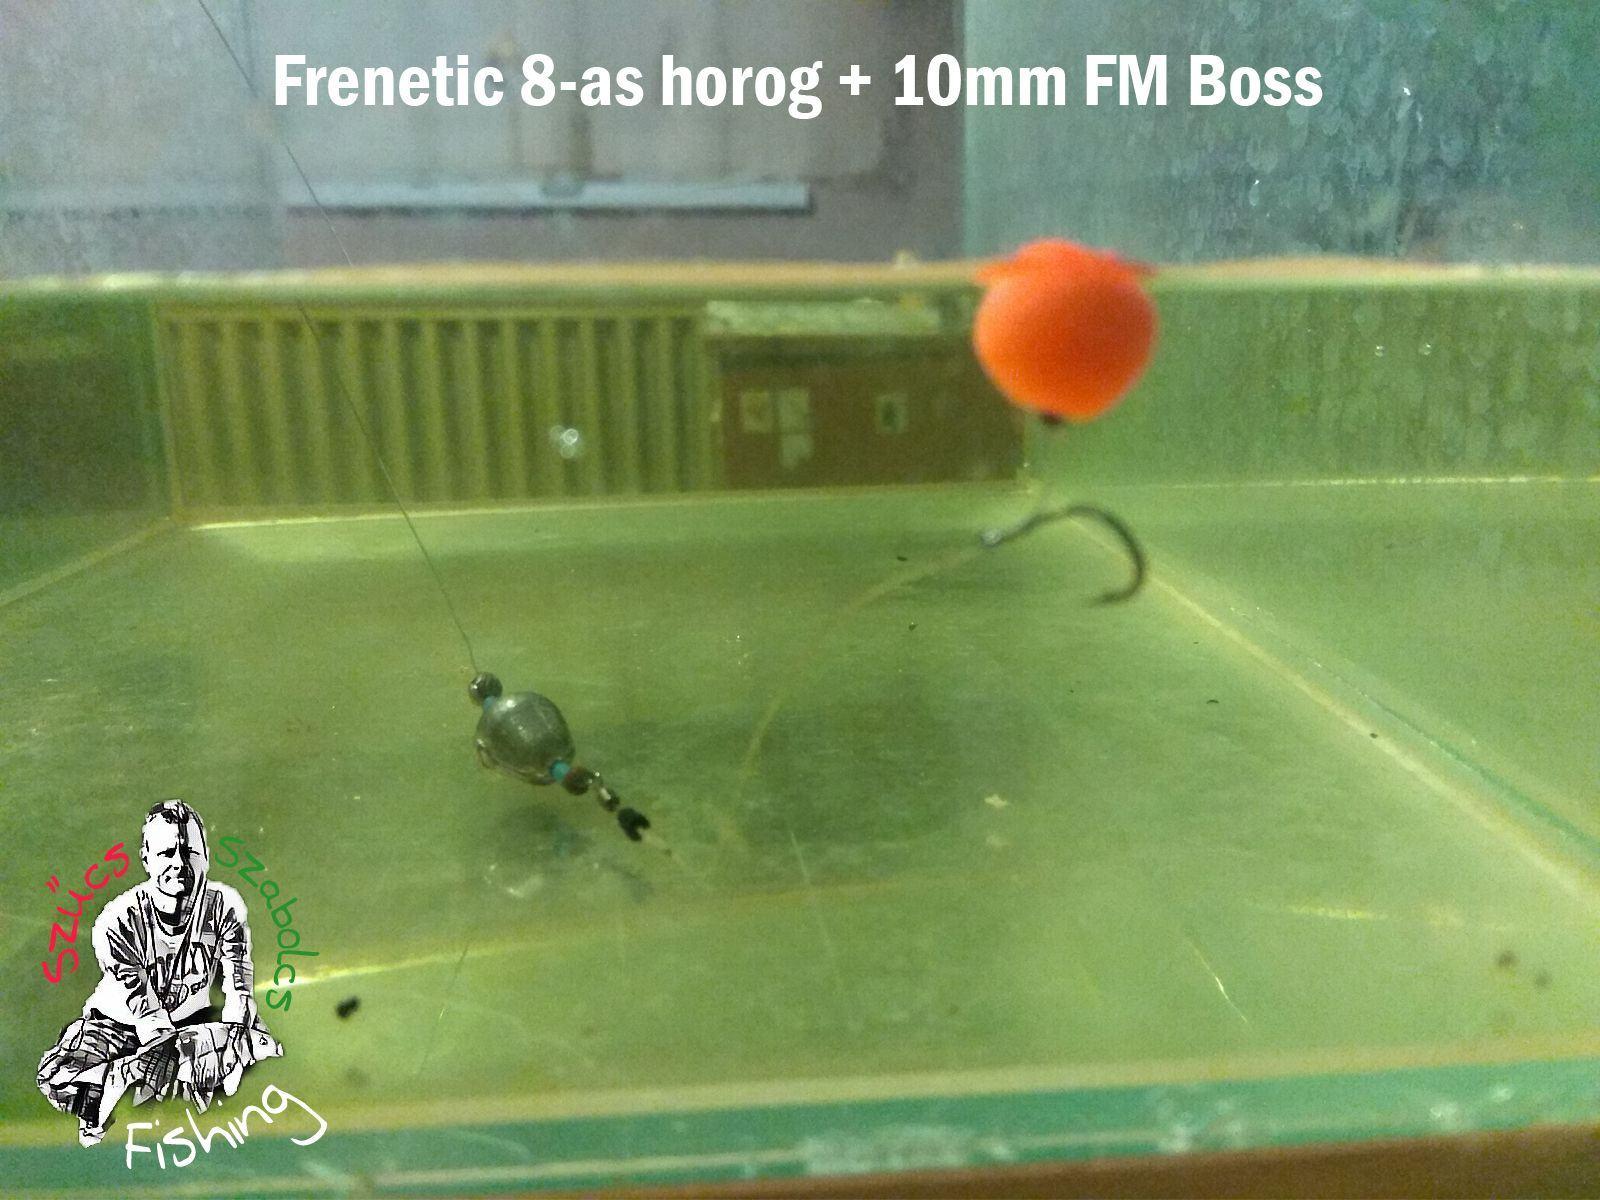 Frenetic-8-as-horog-10mm-FM-Boss-IMG_20180131_190455